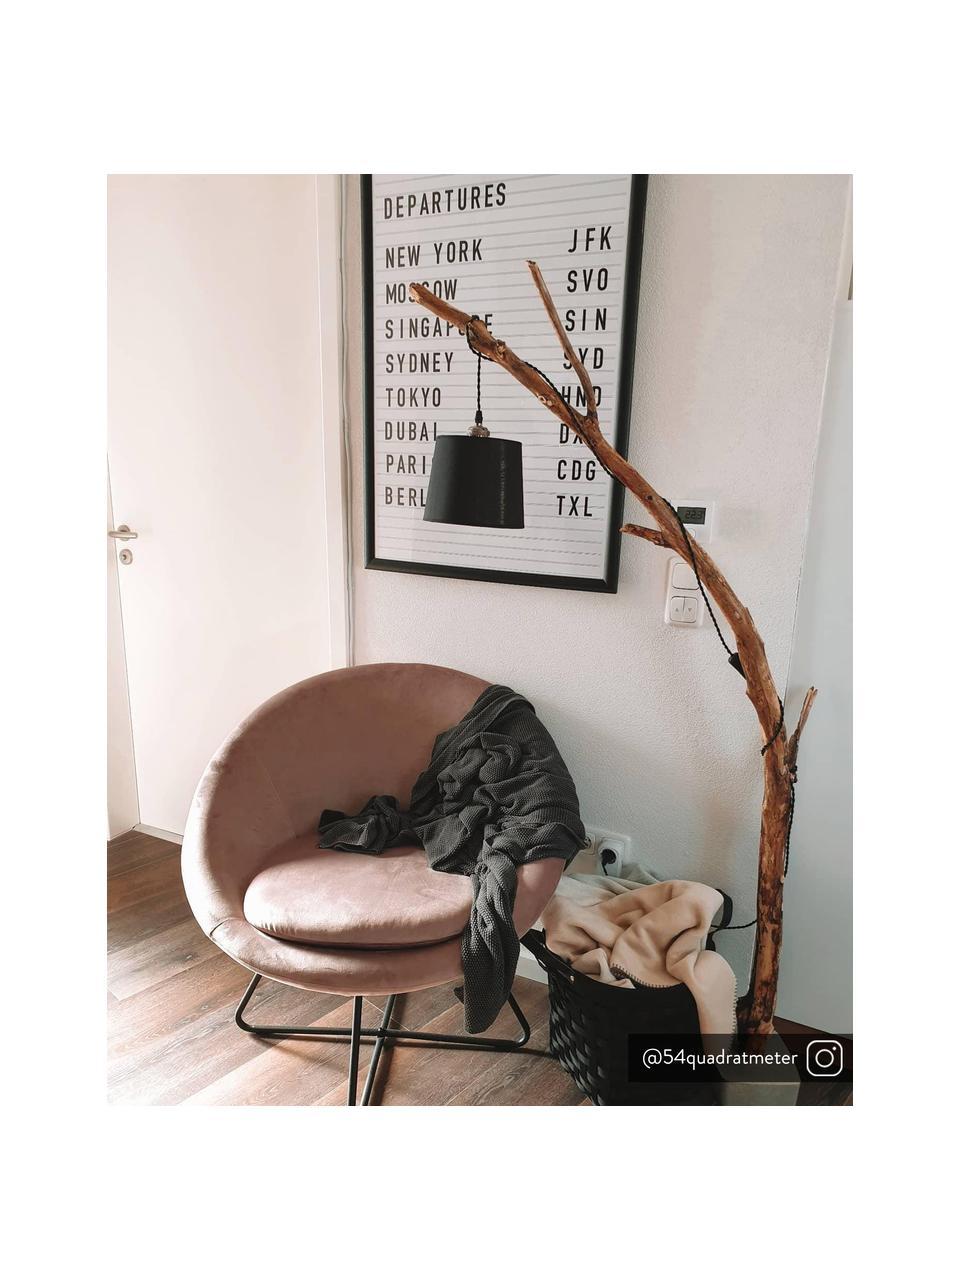 Fotel wypoczynkowy z aksamitu Center, Tapicerka: aksamit poliestrowy Dzięk, Nogi: metal chropowaty, malowan, Aksamitny brudny różowy, S 82 x G 71 cm